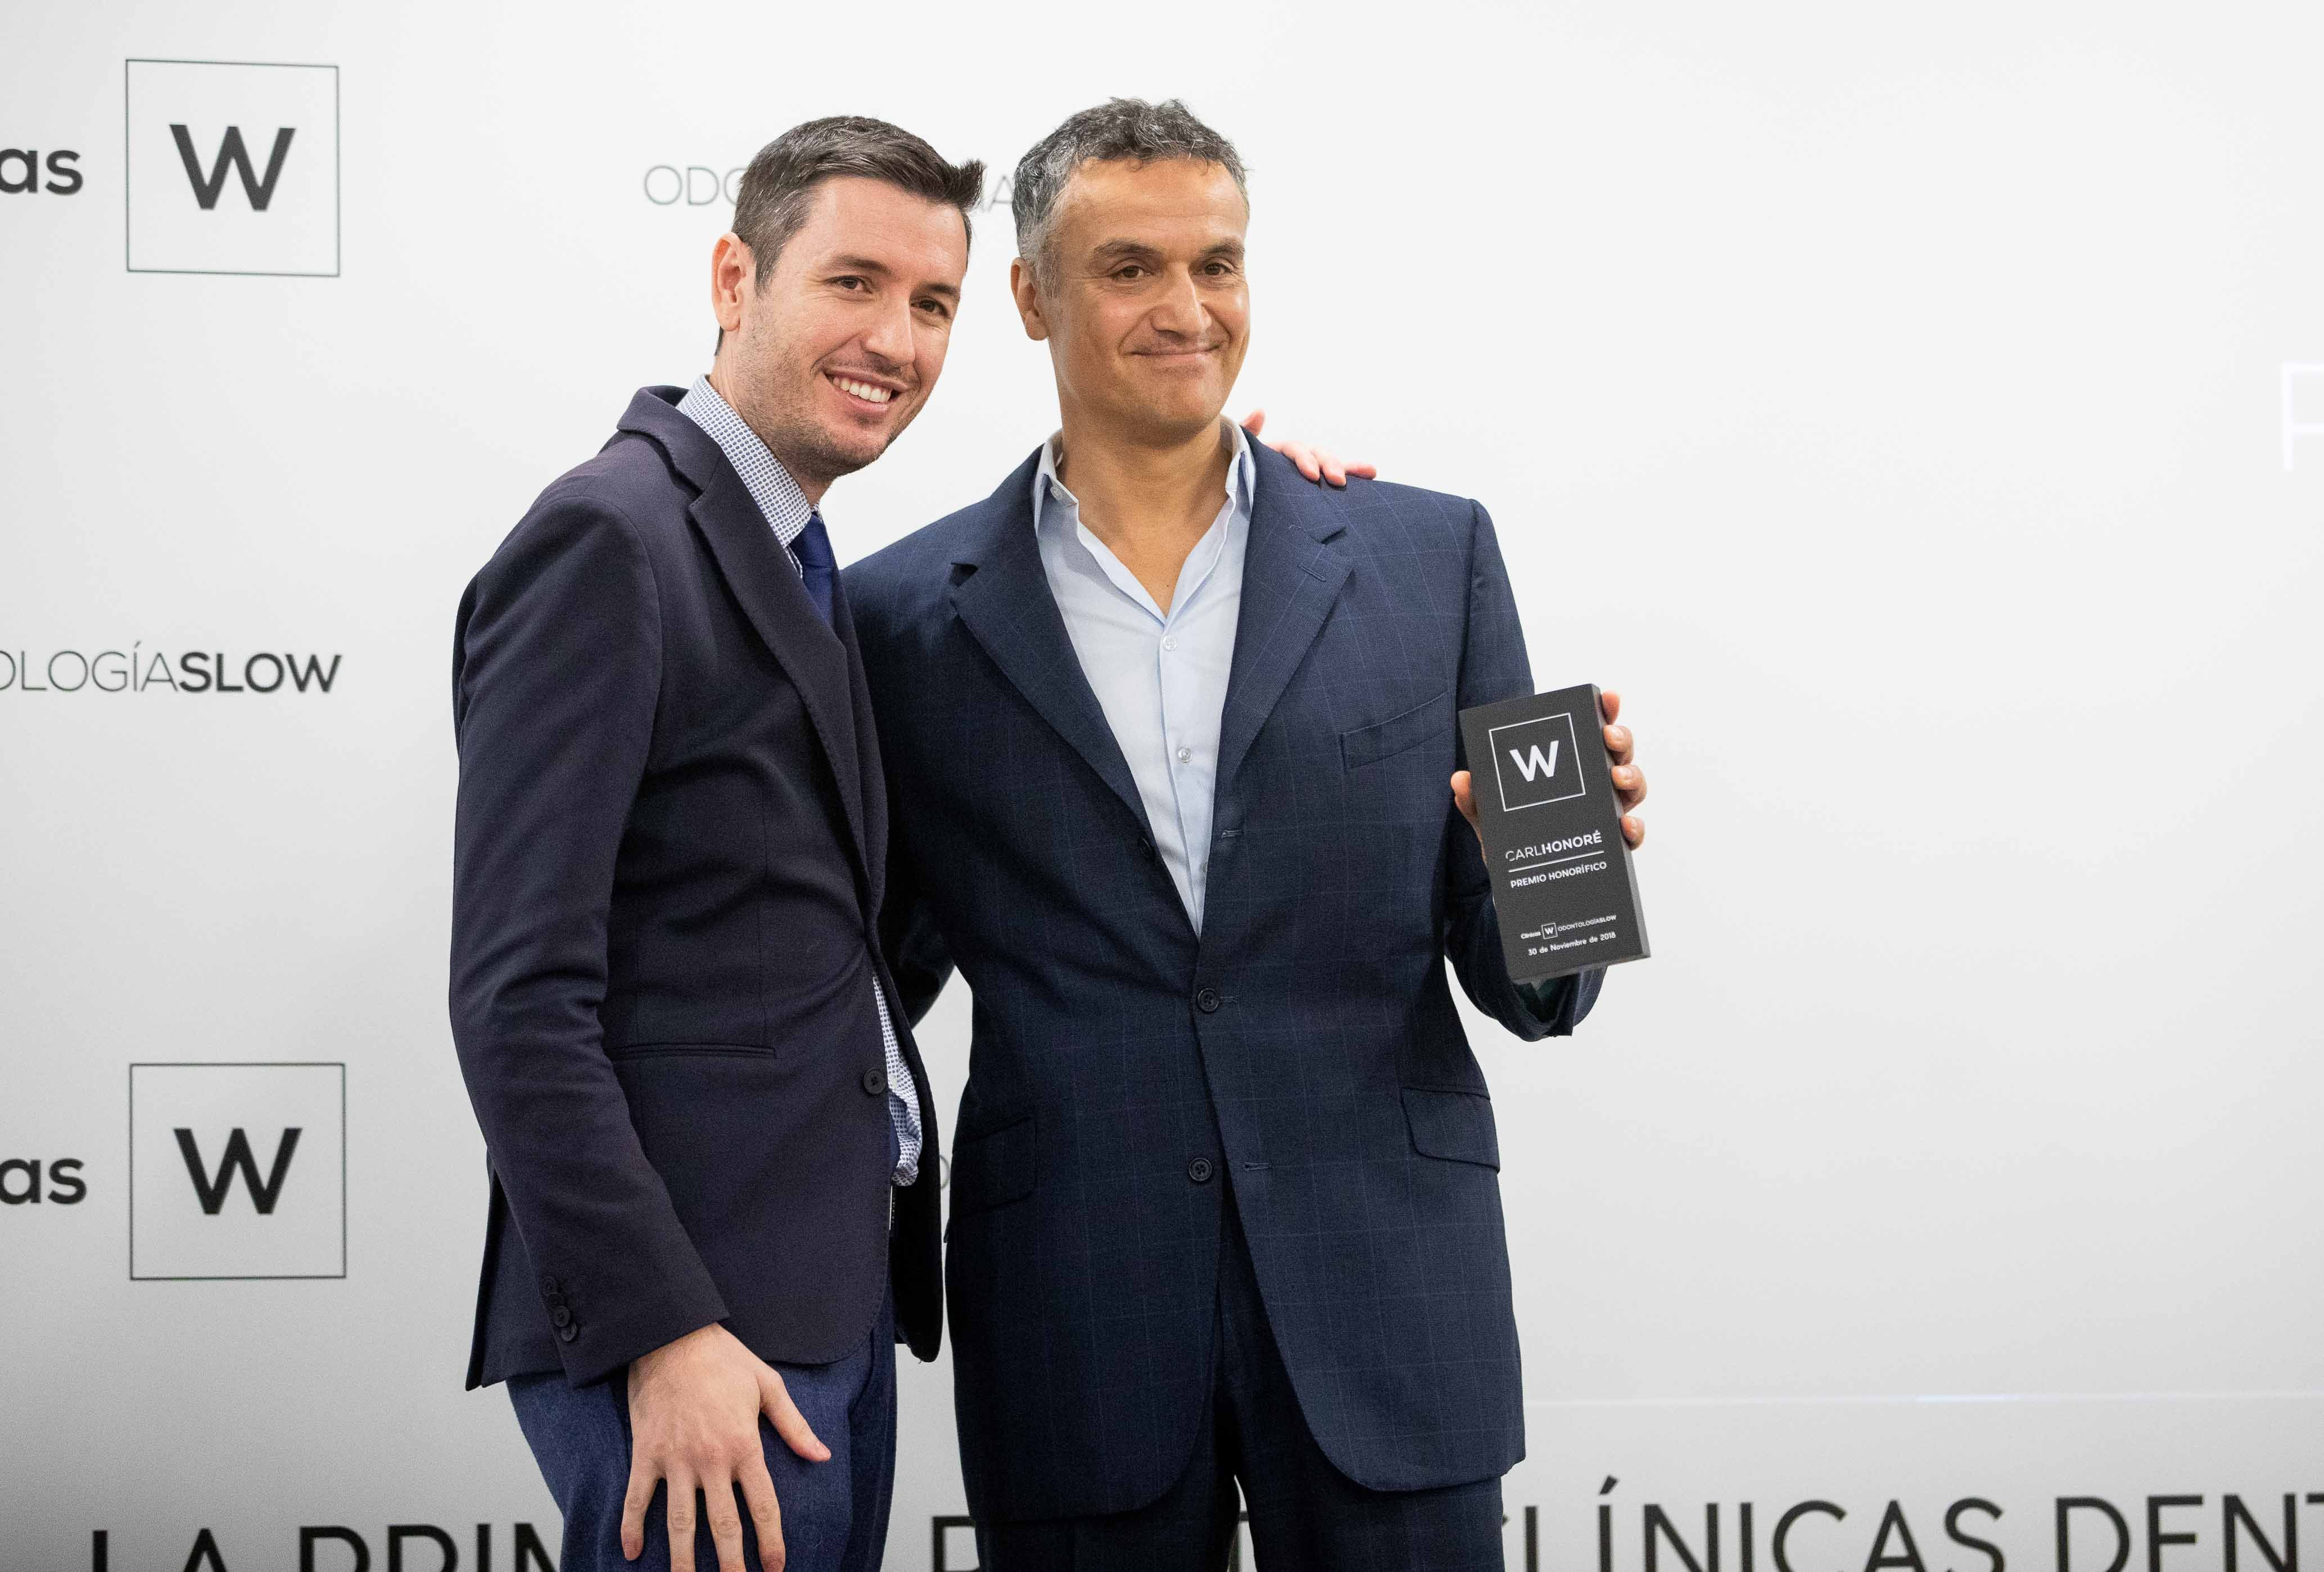 Foto de Carl Honoré recibe el premio honorífico 2018 de Clínicas W.